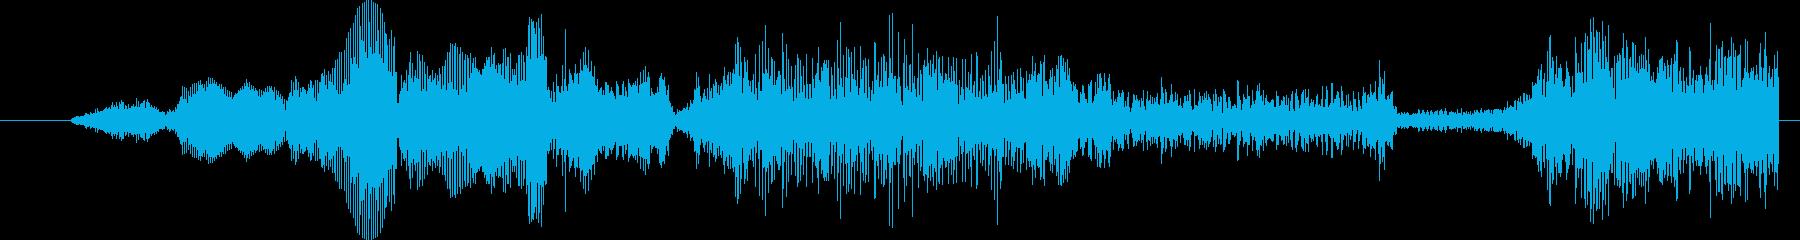 モンスター グリッチトーク05の再生済みの波形